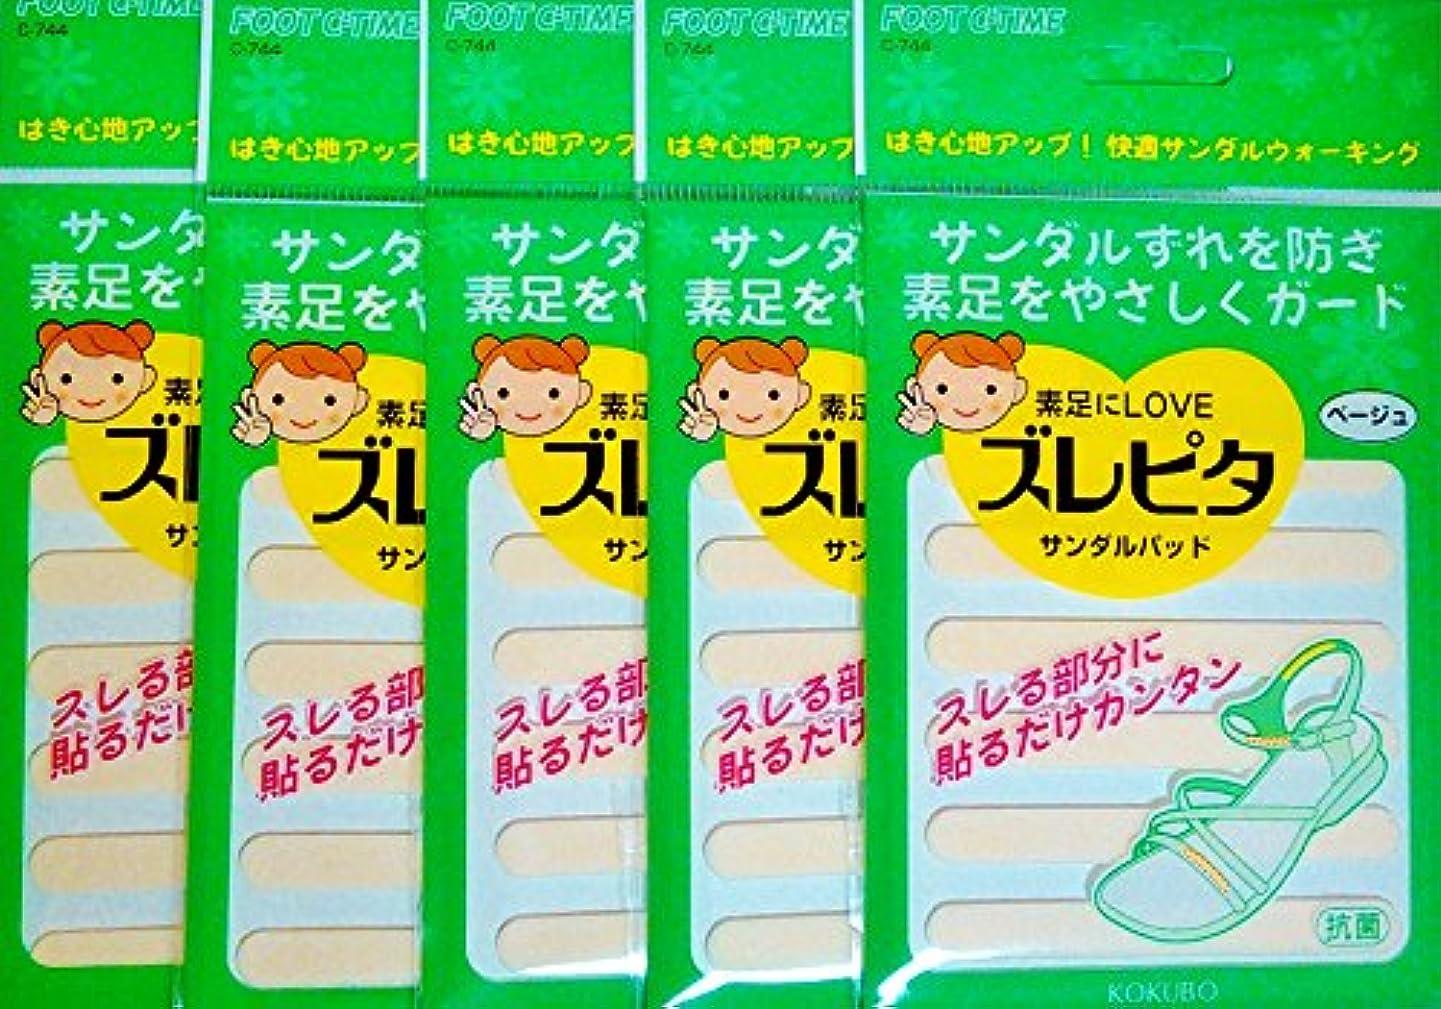 上昇懲らしめピジンズレピタ 5パック サンダルずれを防いで素足をやさしくガード